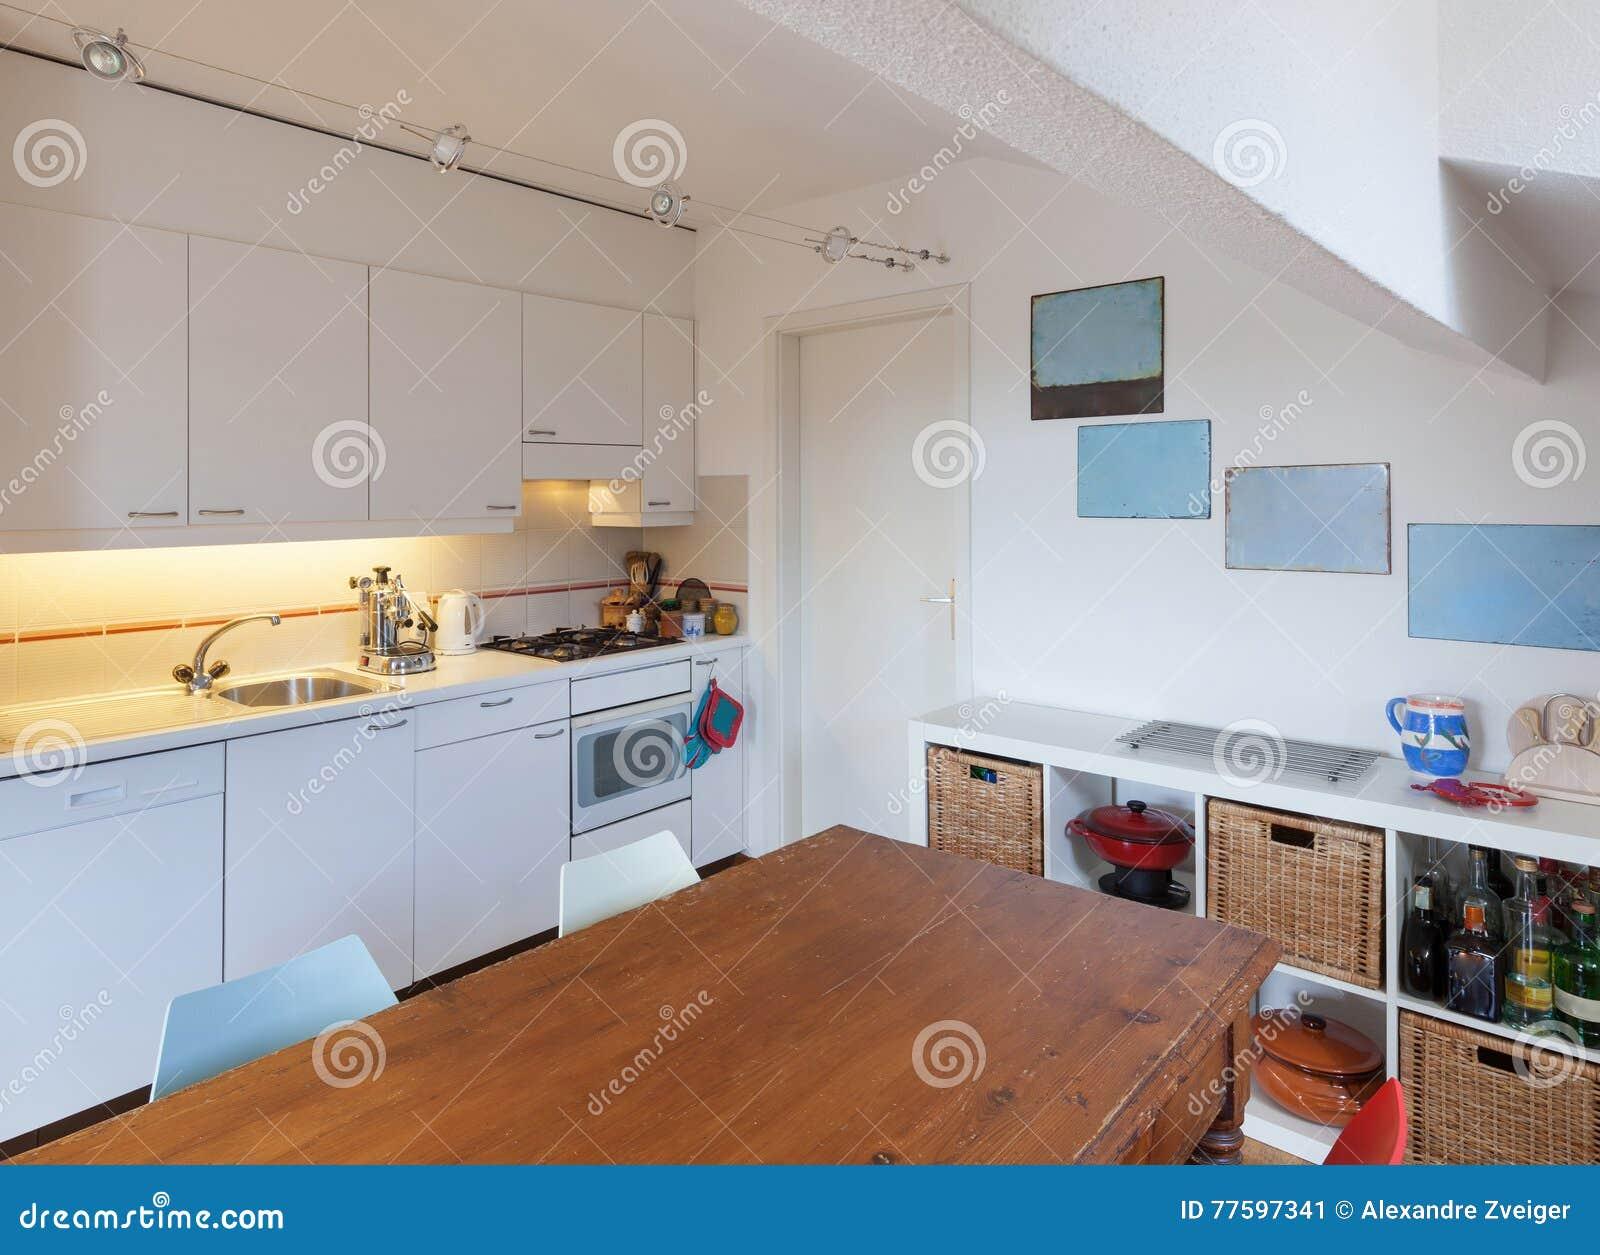 Keuken oude houten eettafel stock afbeelding afbeelding bestaande